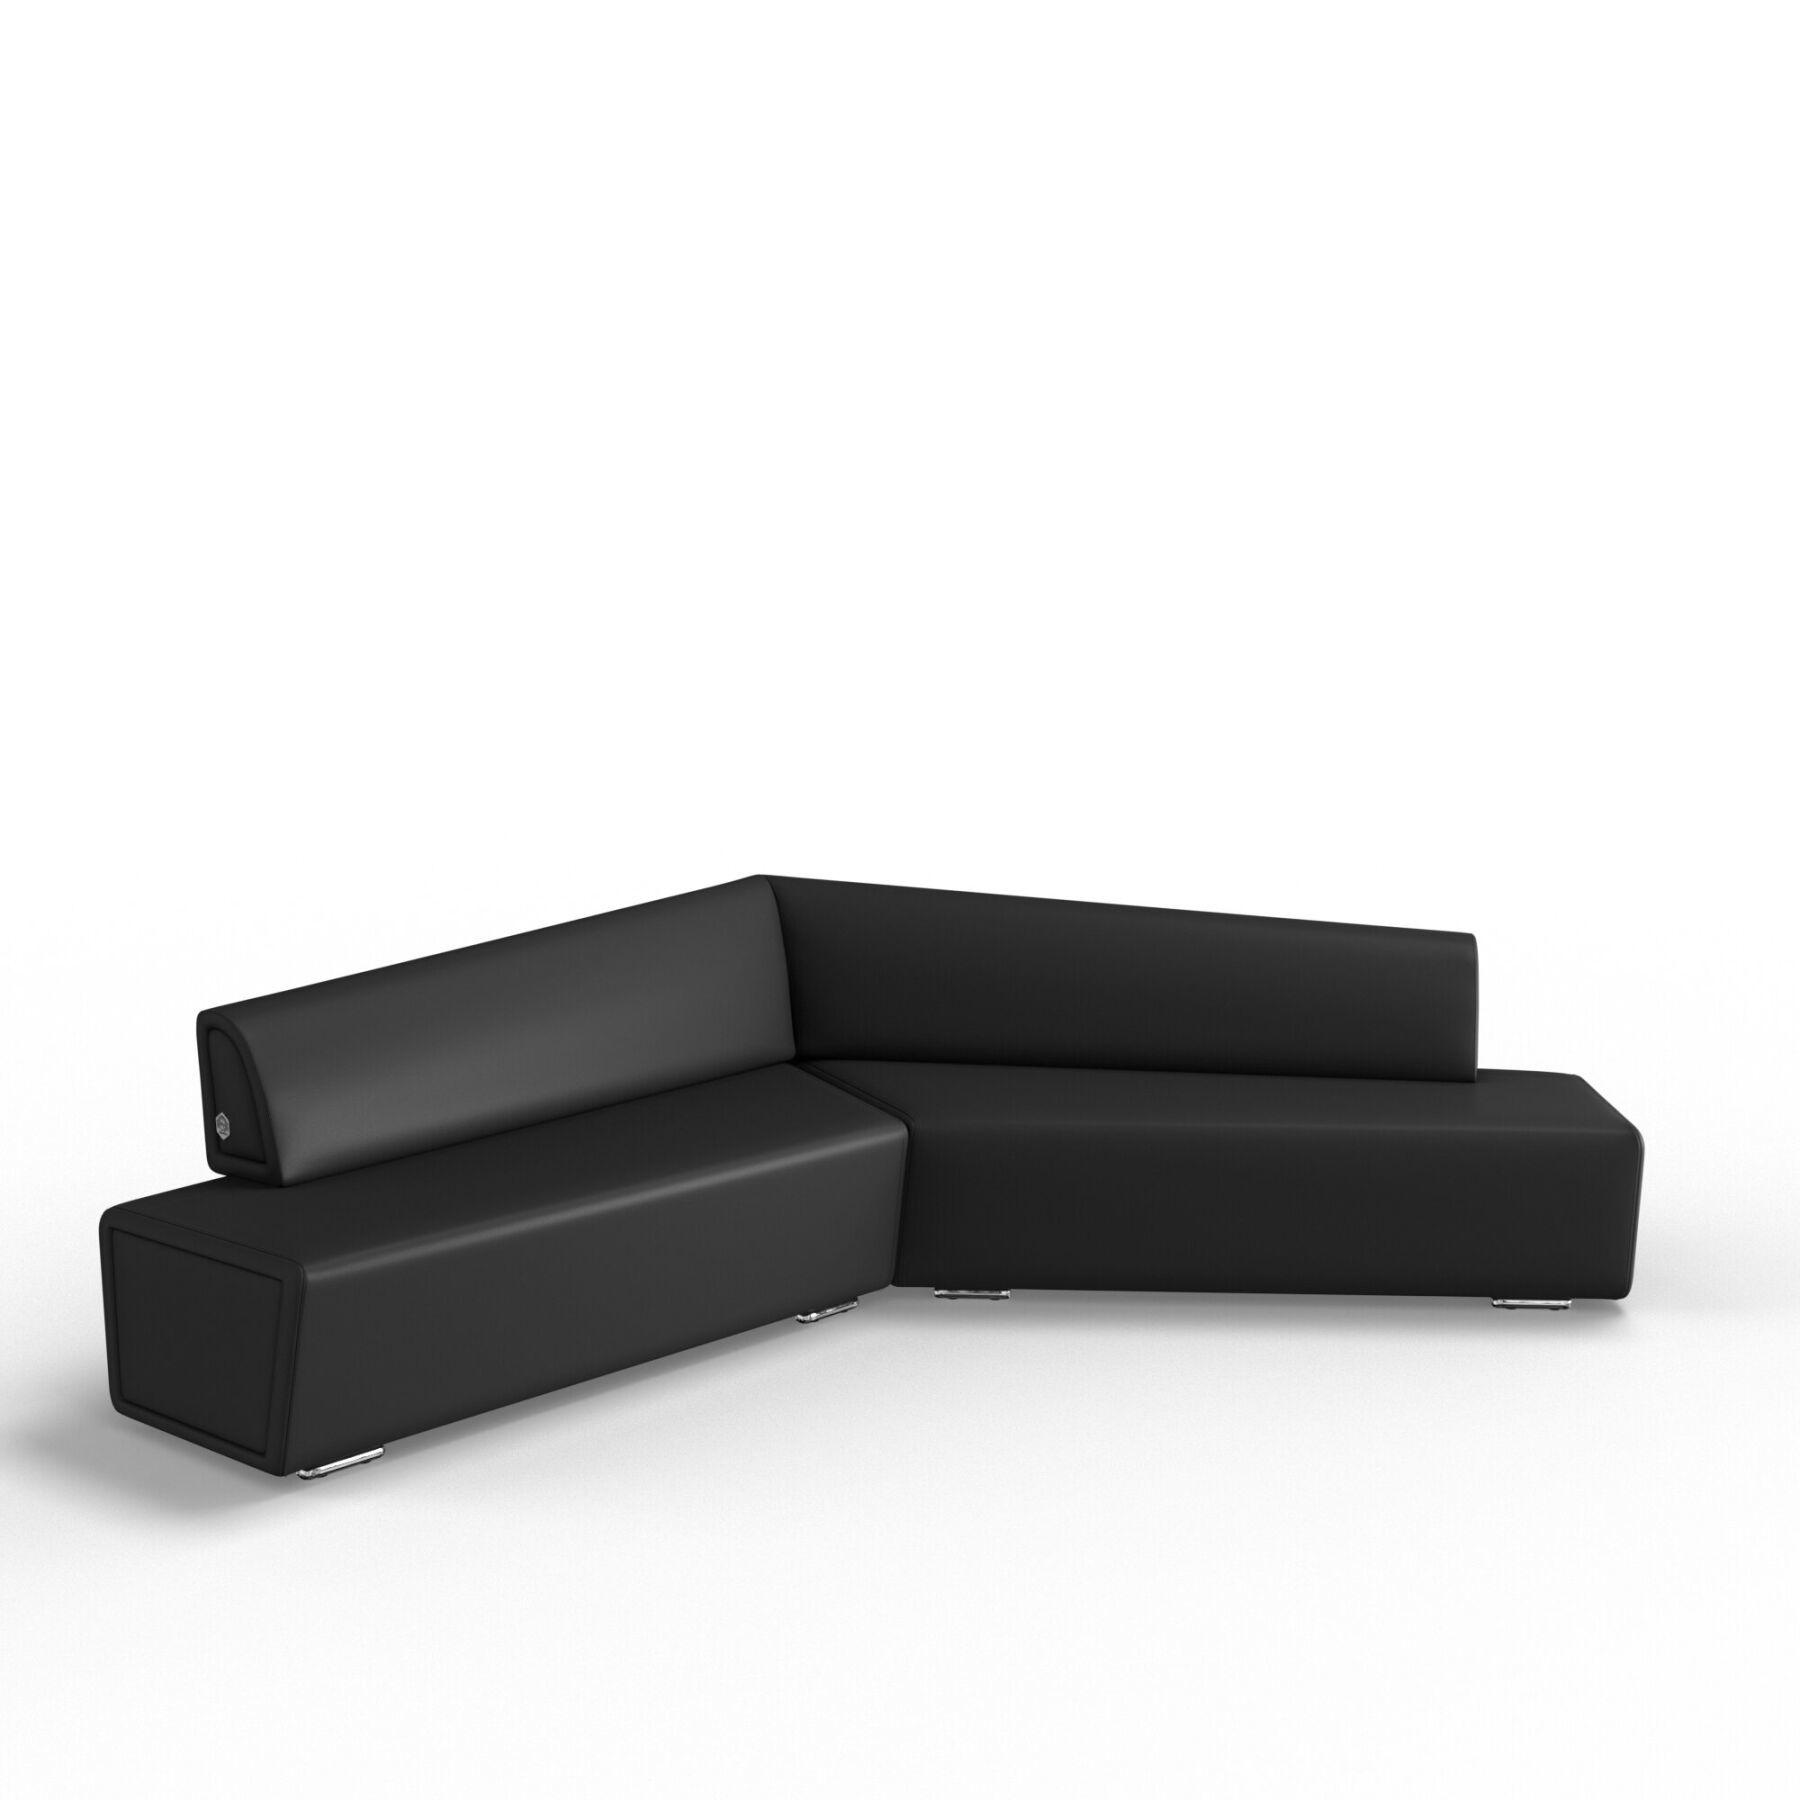 Трехместный диван KULIK SYSTEM COPTER Экокожа Левый и правый